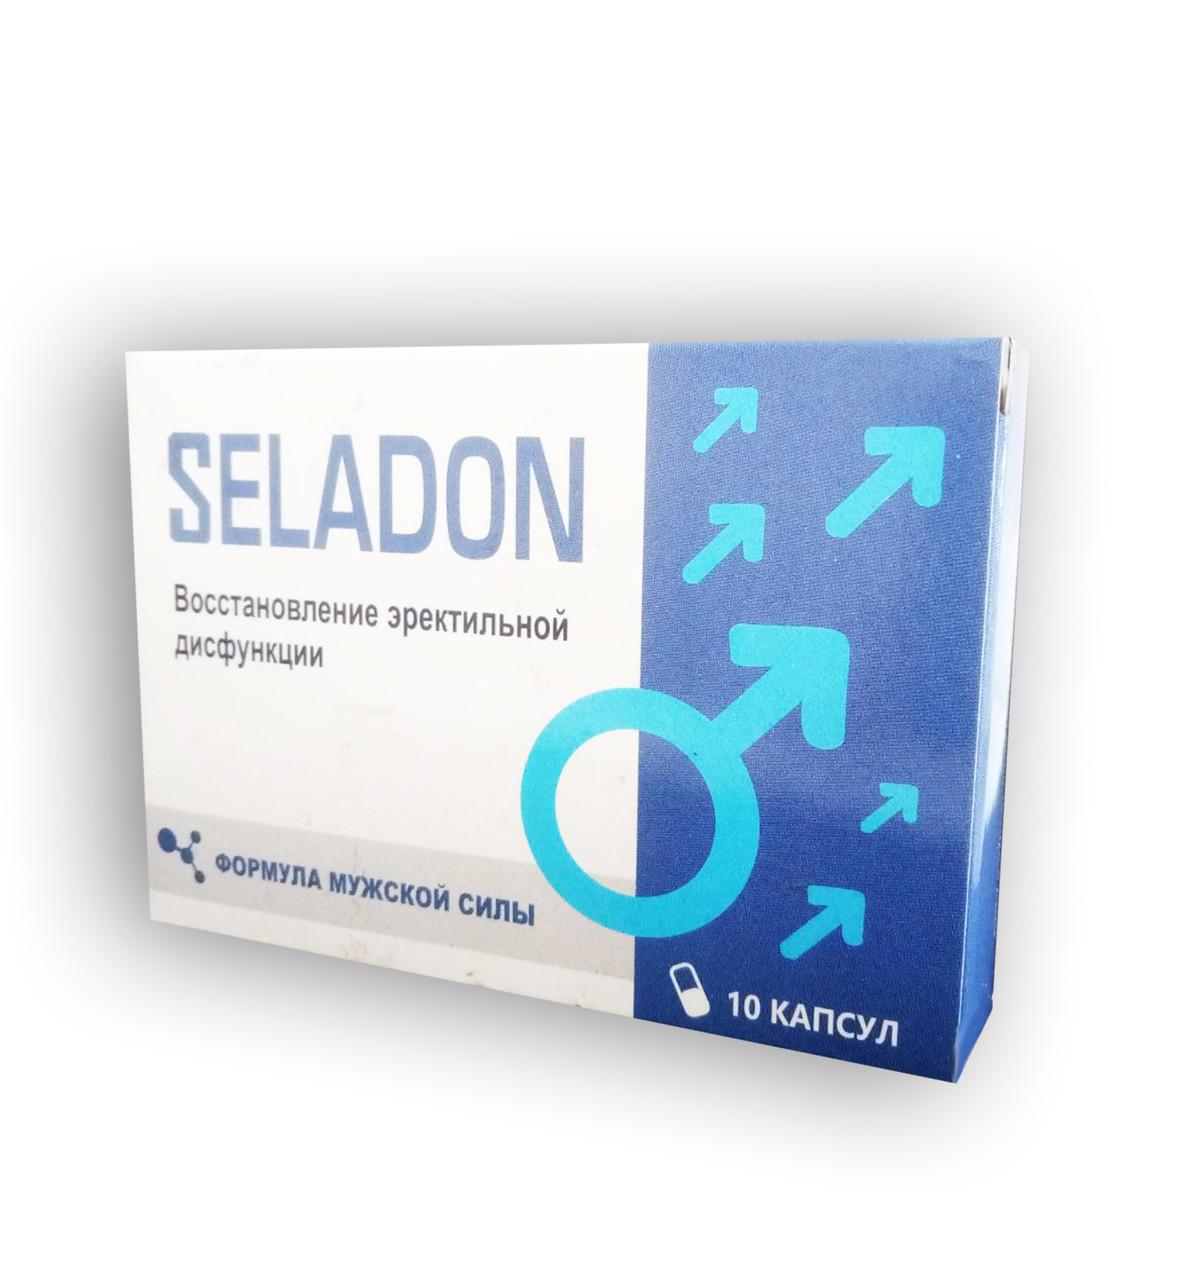 Seladon (Селадон) Капсули для зміцнення еректильної функції